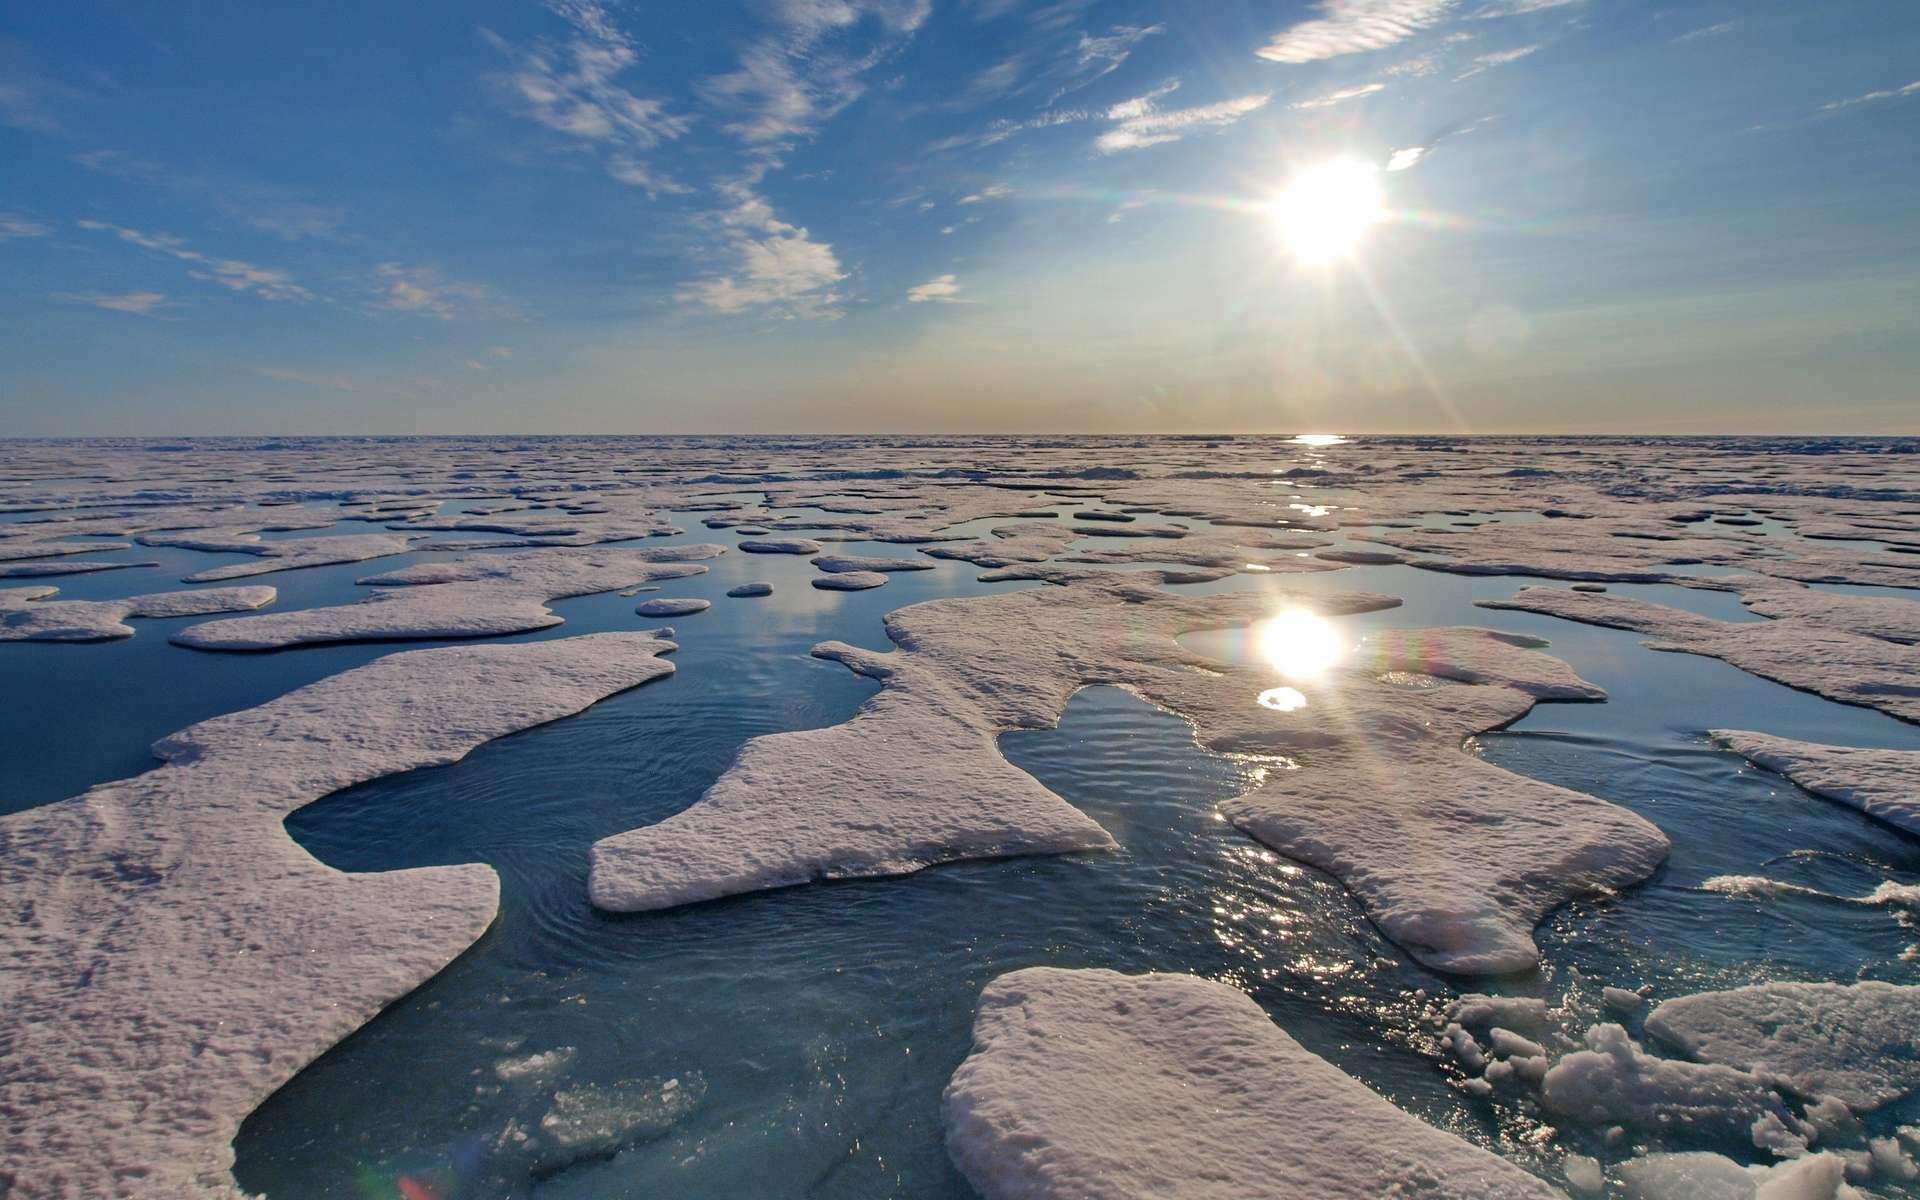 La fonte des glaces a un impact significatif sur la stratification de l'océan Arctique. © Michael Tjernström, imaggeo.egu.eu